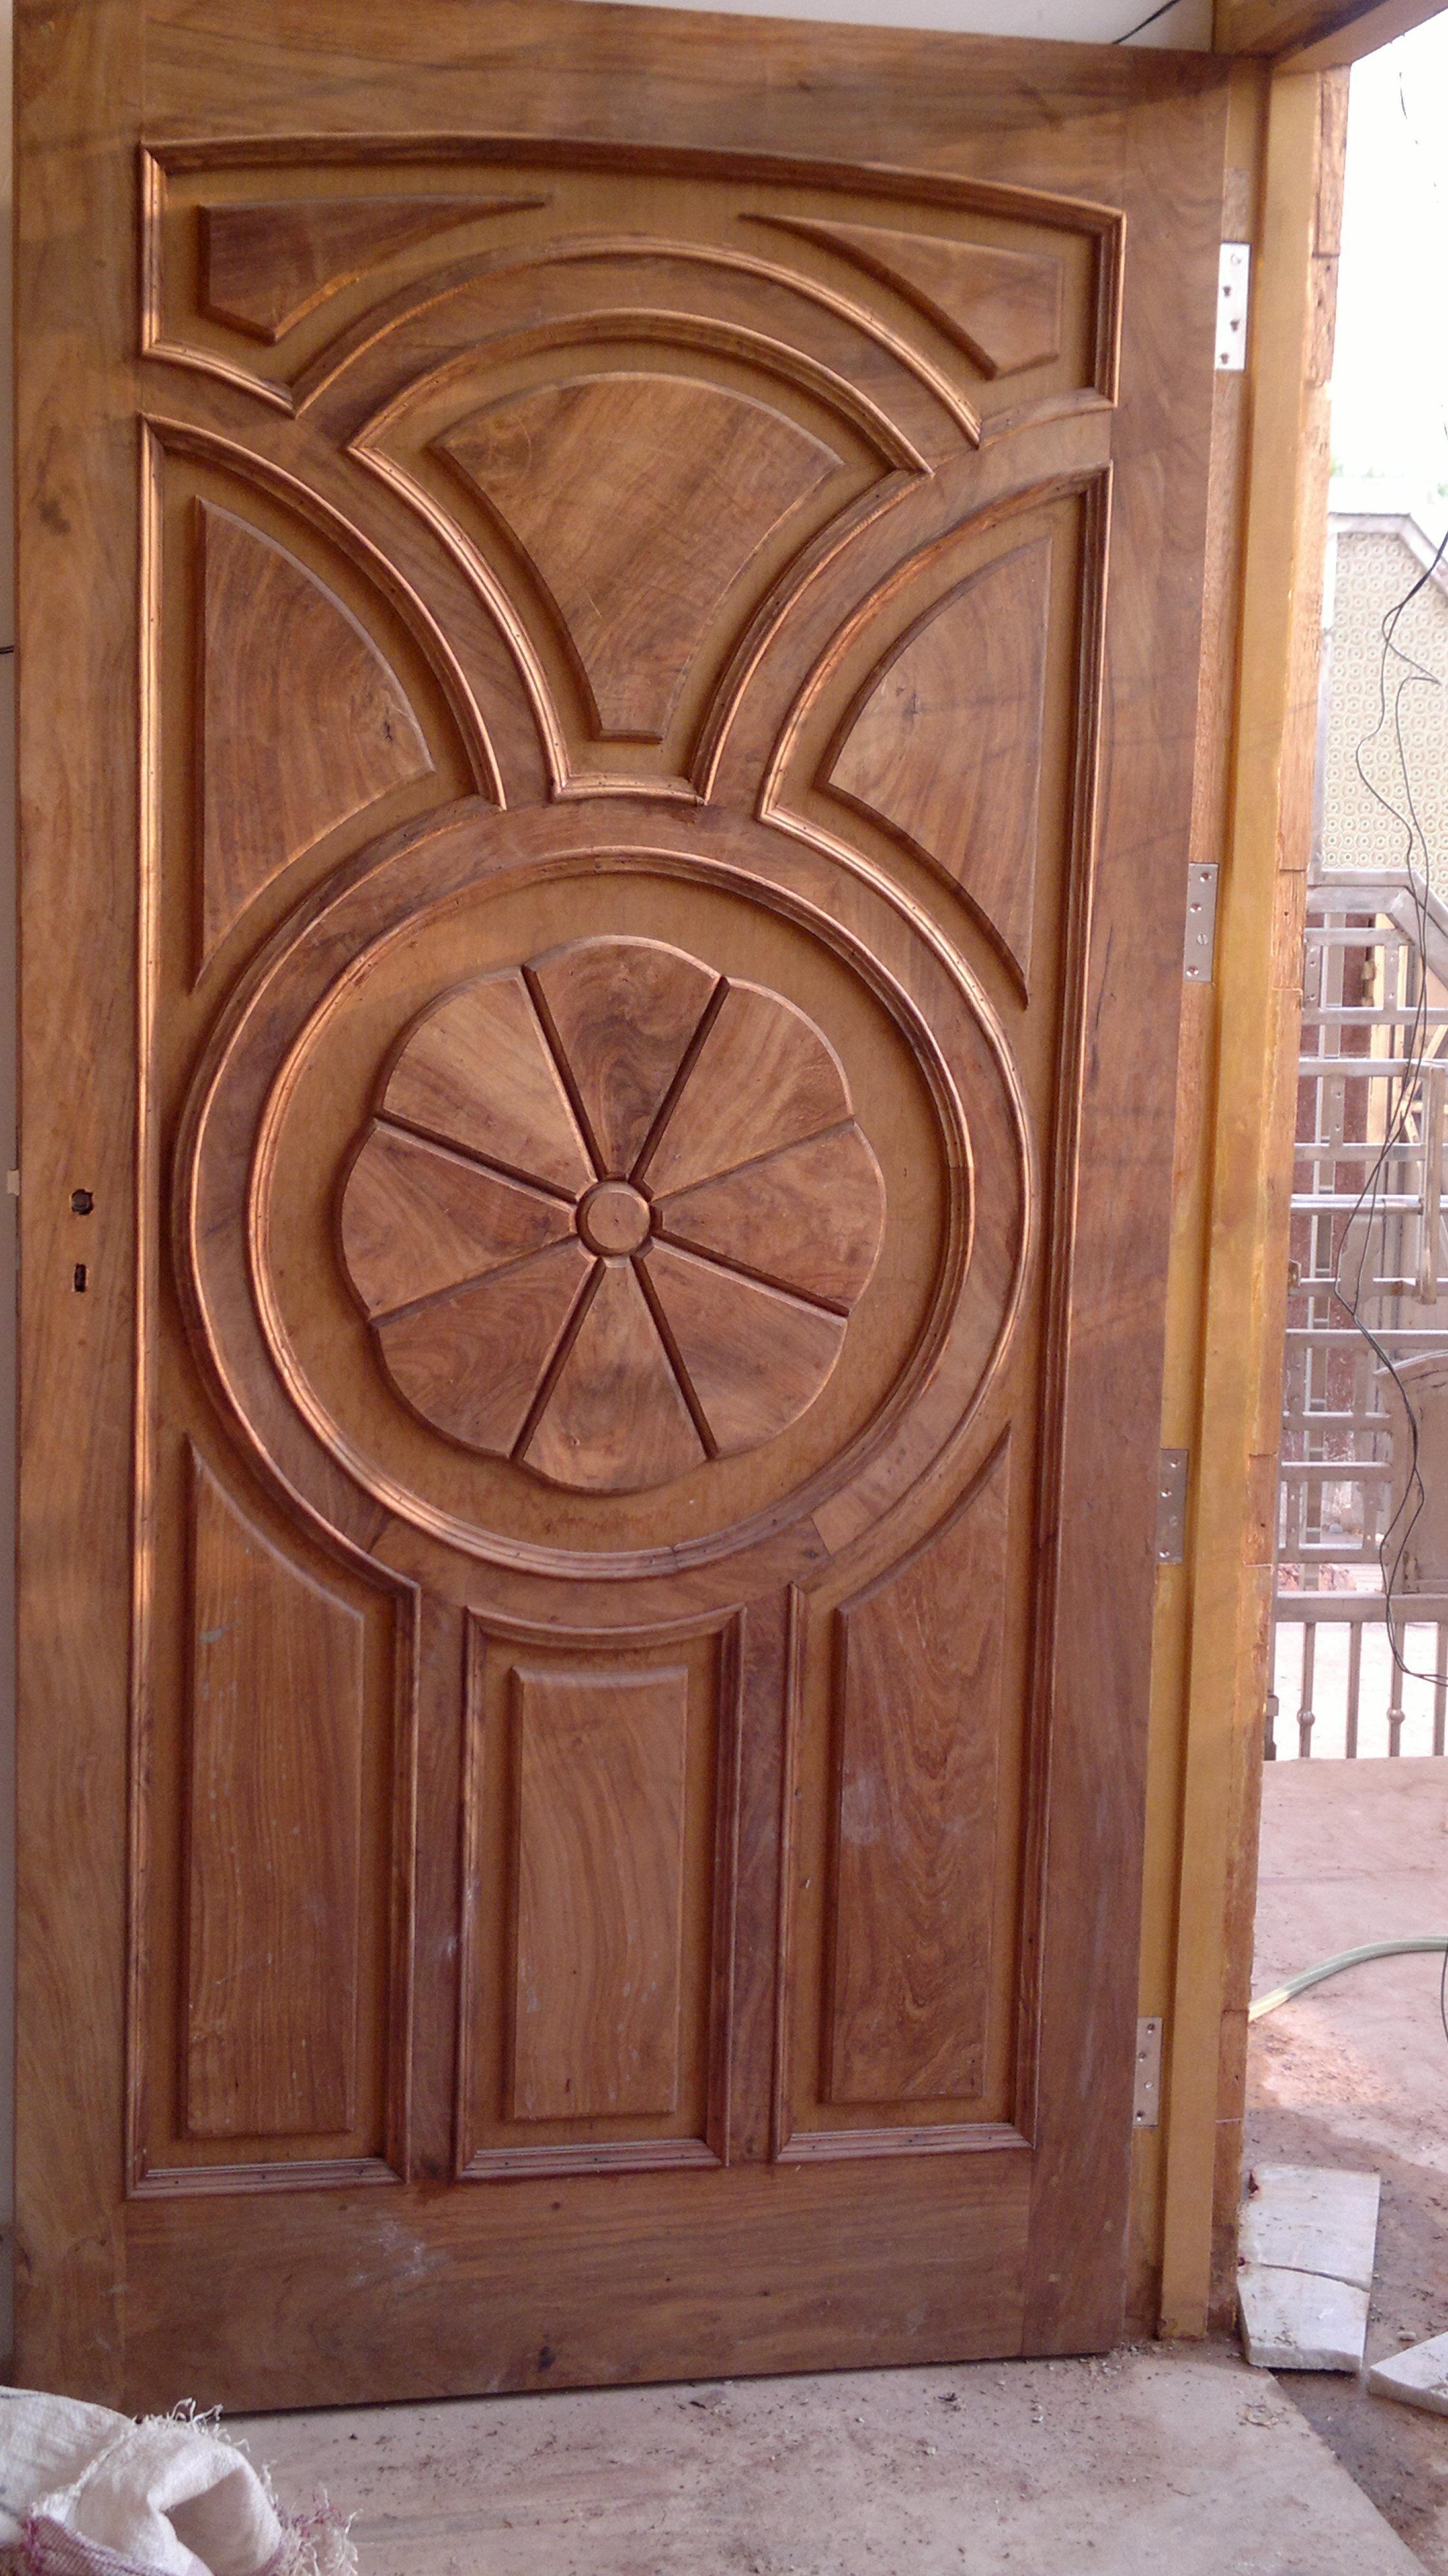 Wooden Door The Door Is Not Just The Piece Of Furniture It Is An Element Of Design It Also Single Door Design Single Main Door Designs Wooden Main Door Design